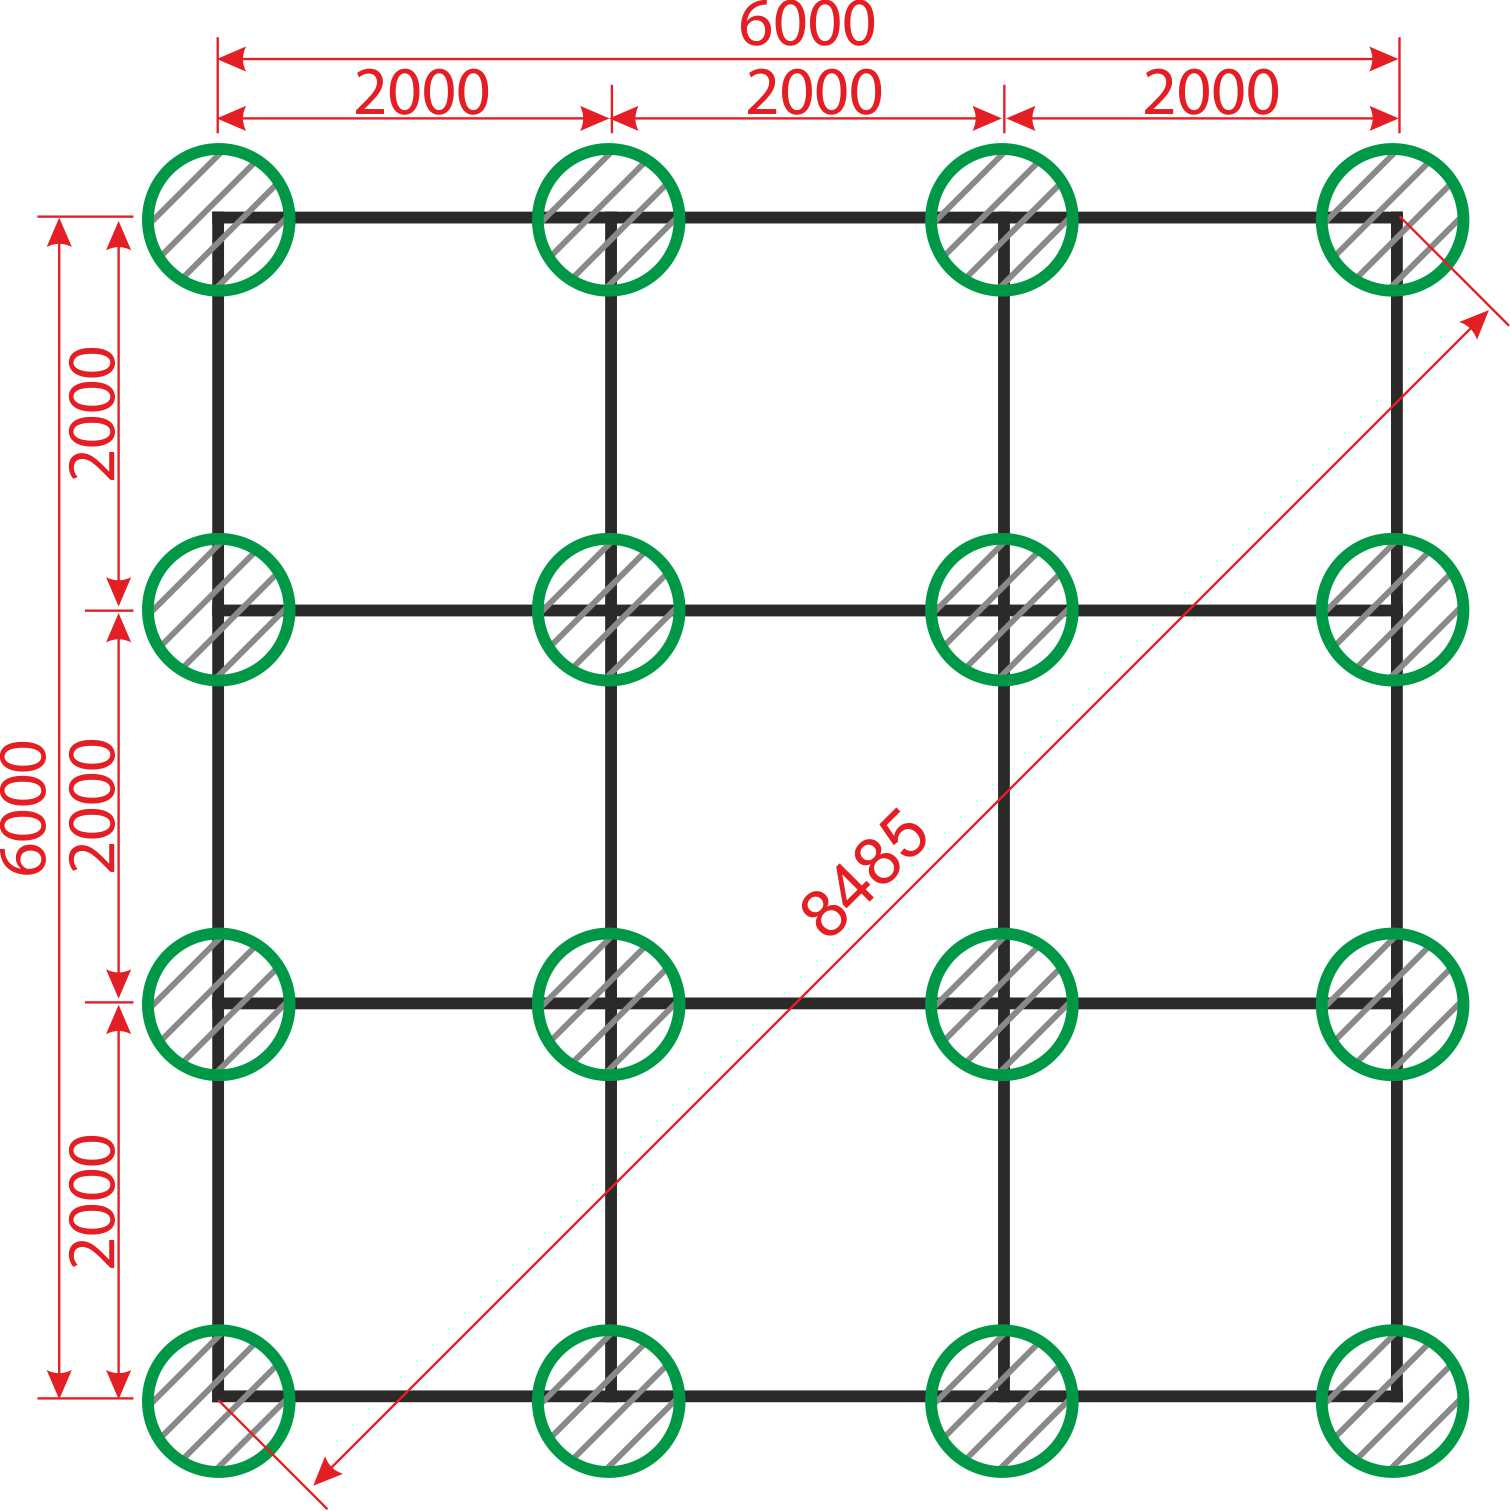 Как правильно подобрать винтовые сваи по размеру: диаметру и длине?